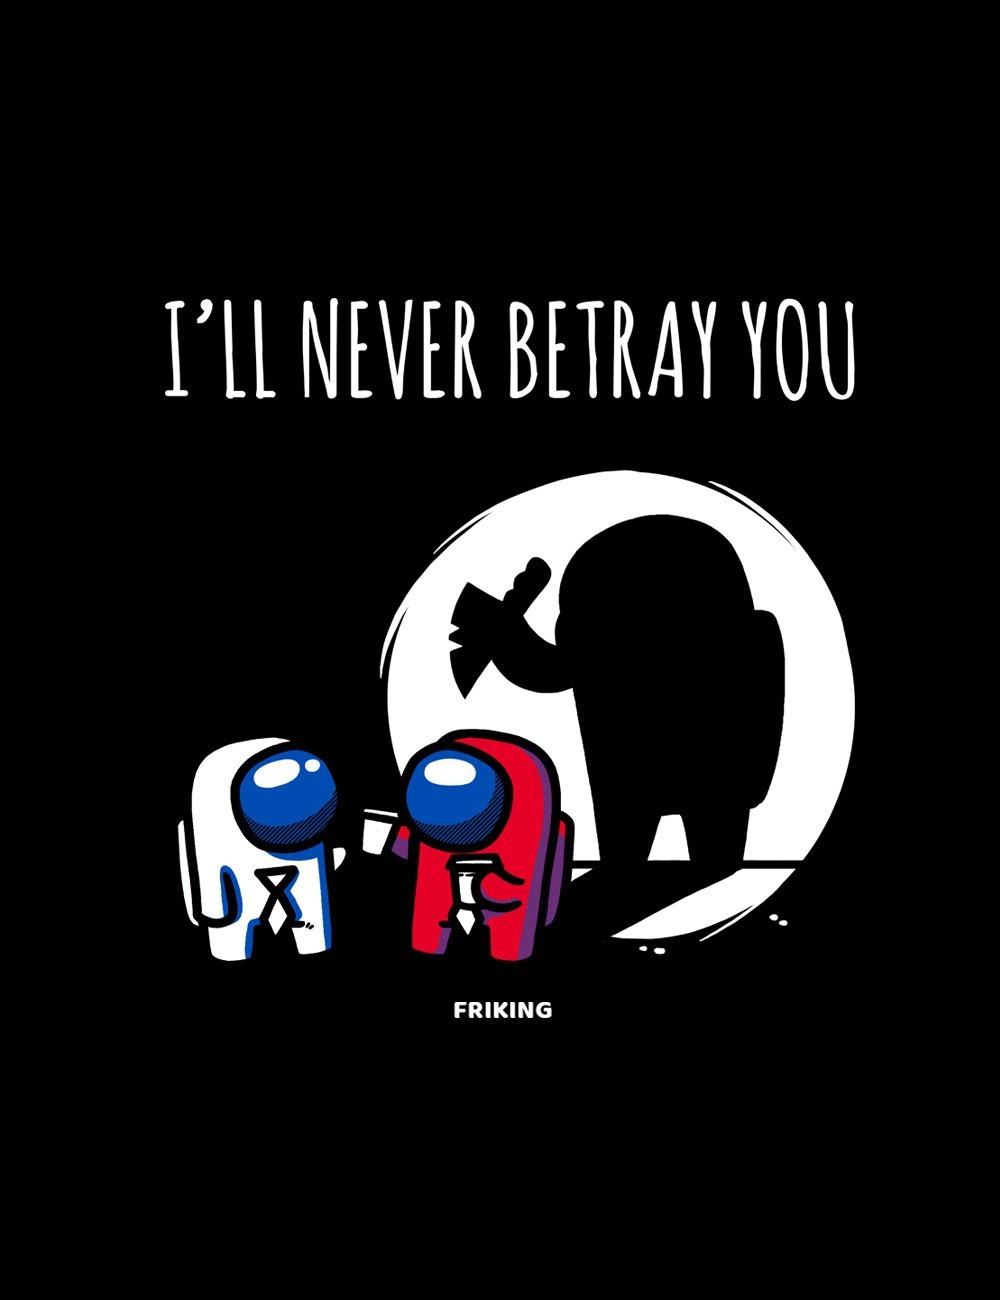 I will never betray you